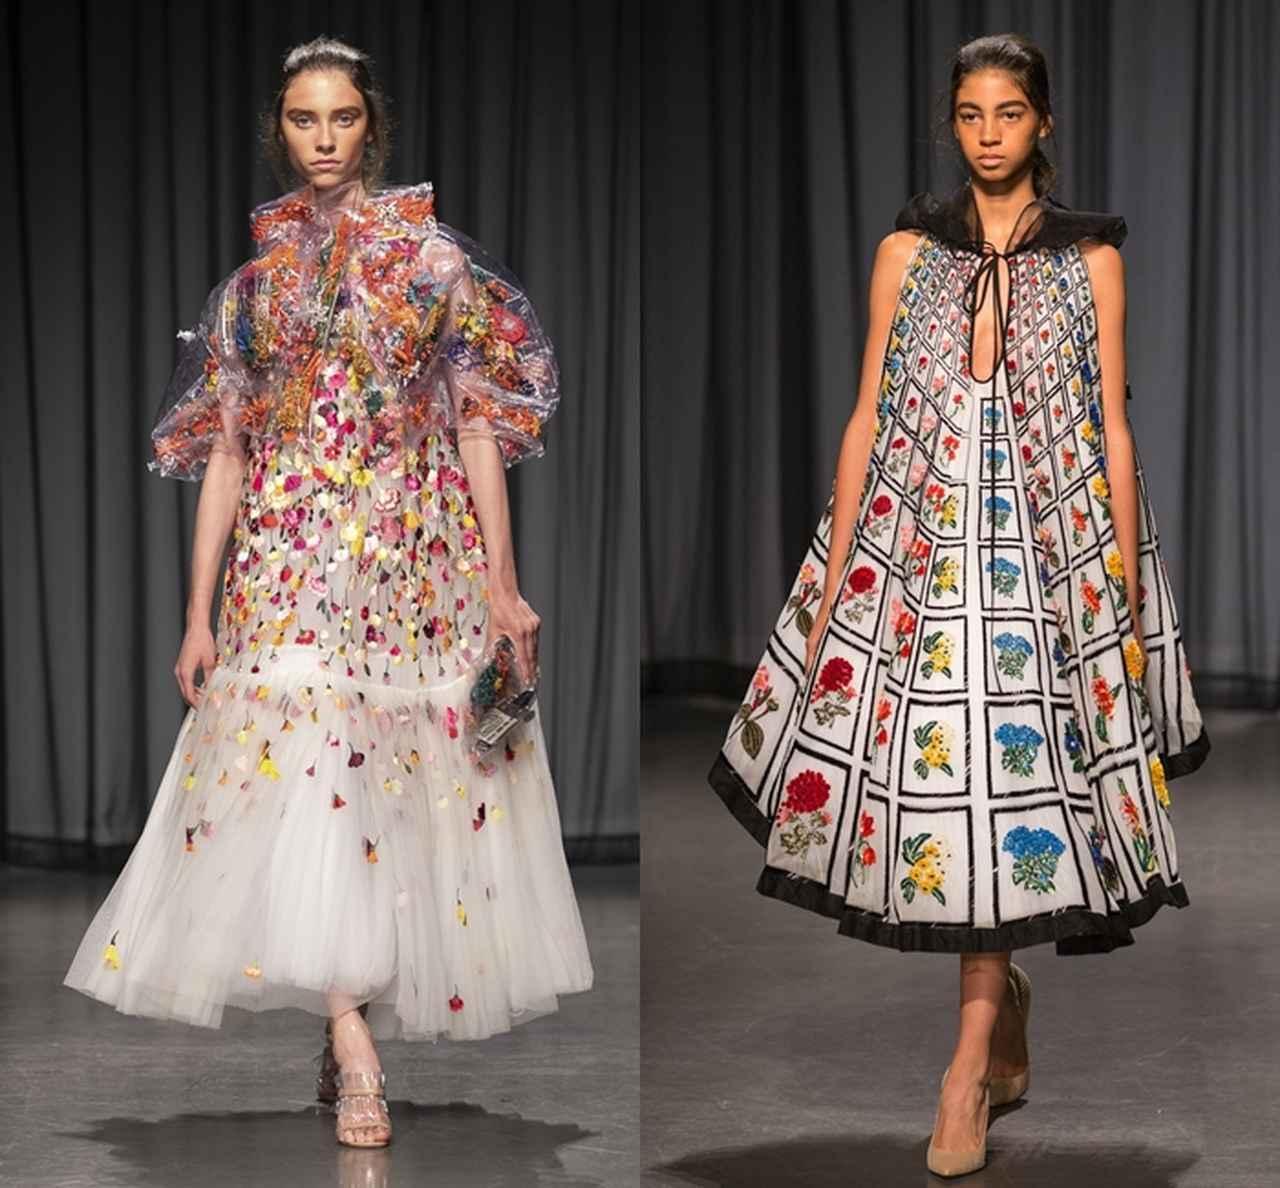 画像: 今年のロンドンファッションウィークで発表されたMary Katrantzouの新作は、ランウェイデビュー10周年を祝ったもので、過去のアーカイブ作品から影響を受けたものも登場。